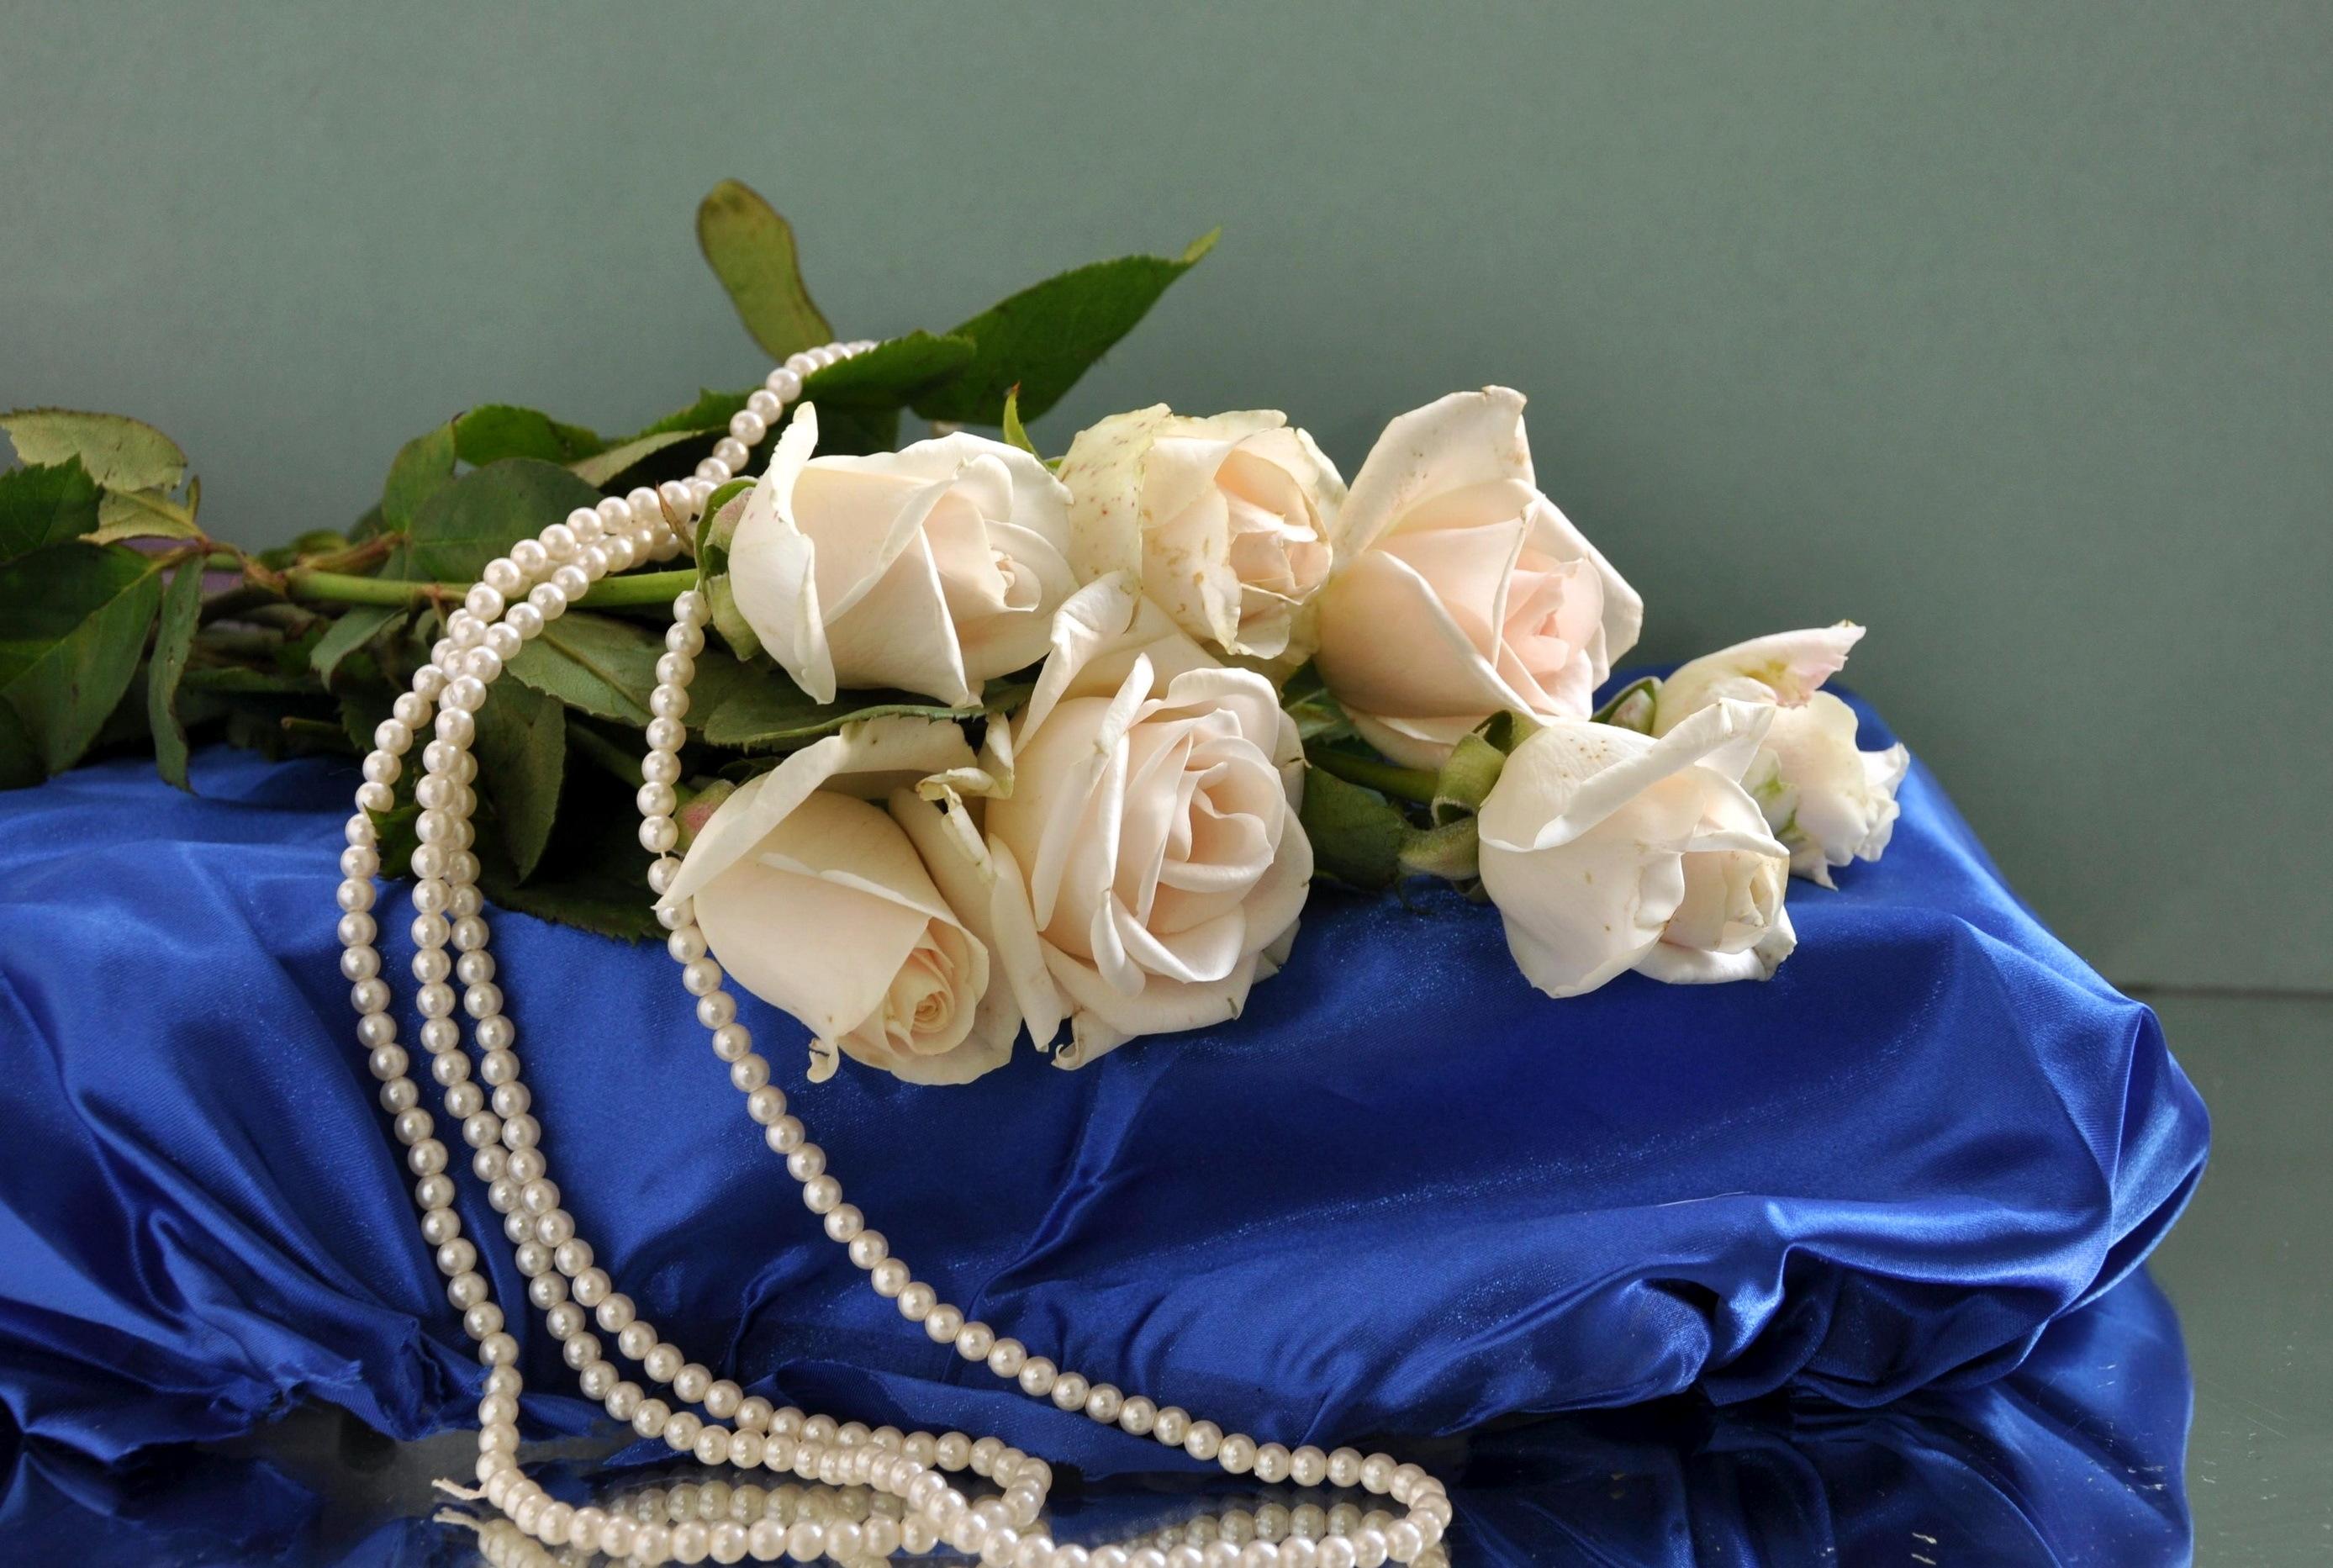 обои на рабочий стол розы и жемчуг скачать бесплатно № 126445 без смс